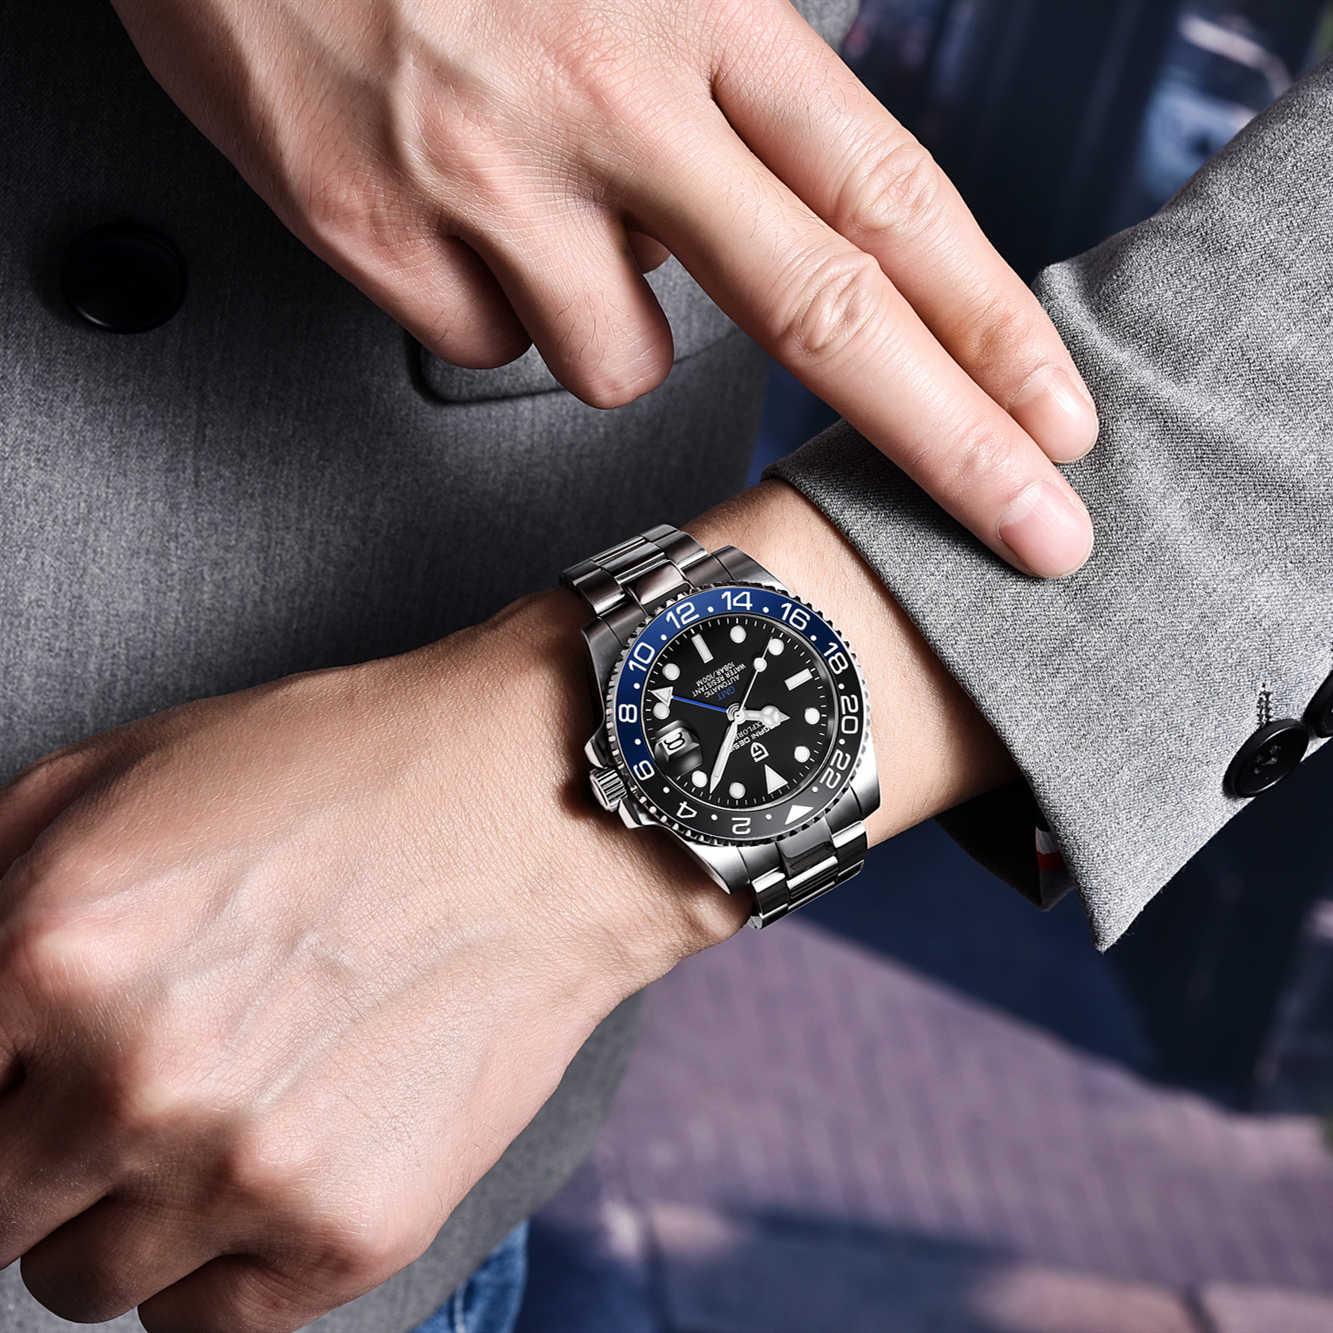 PAGANI DESIGN 40mm automatyczne mechaniczne zegarki męskie GMT Sapphire 100M wodoodporny mężczyzna zegarek relogio masculino mężczyźni zegar